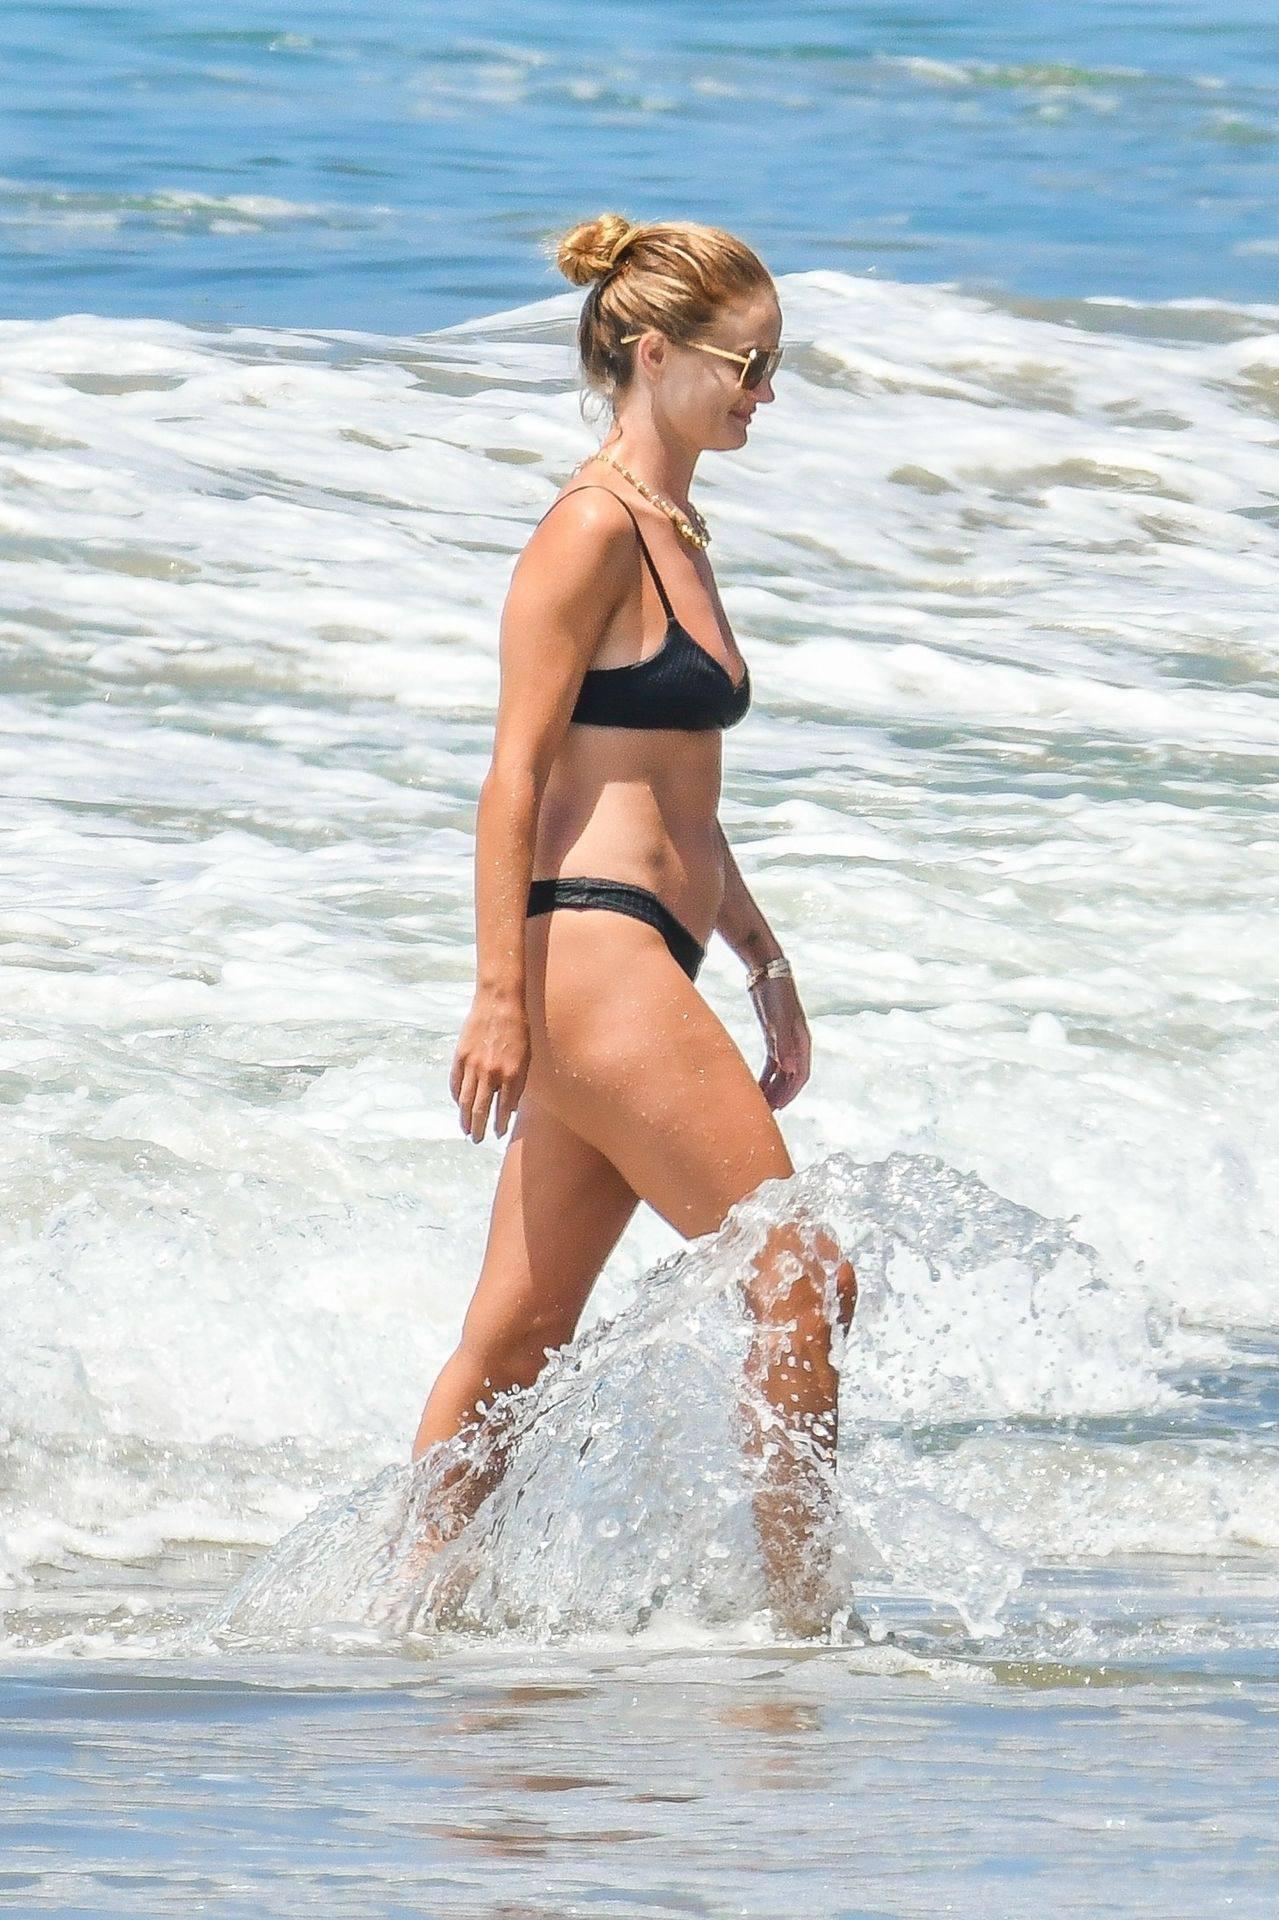 Rosie Huntington Whiteley – Beautiful Ass In Thong Bikini In Malibu 0029